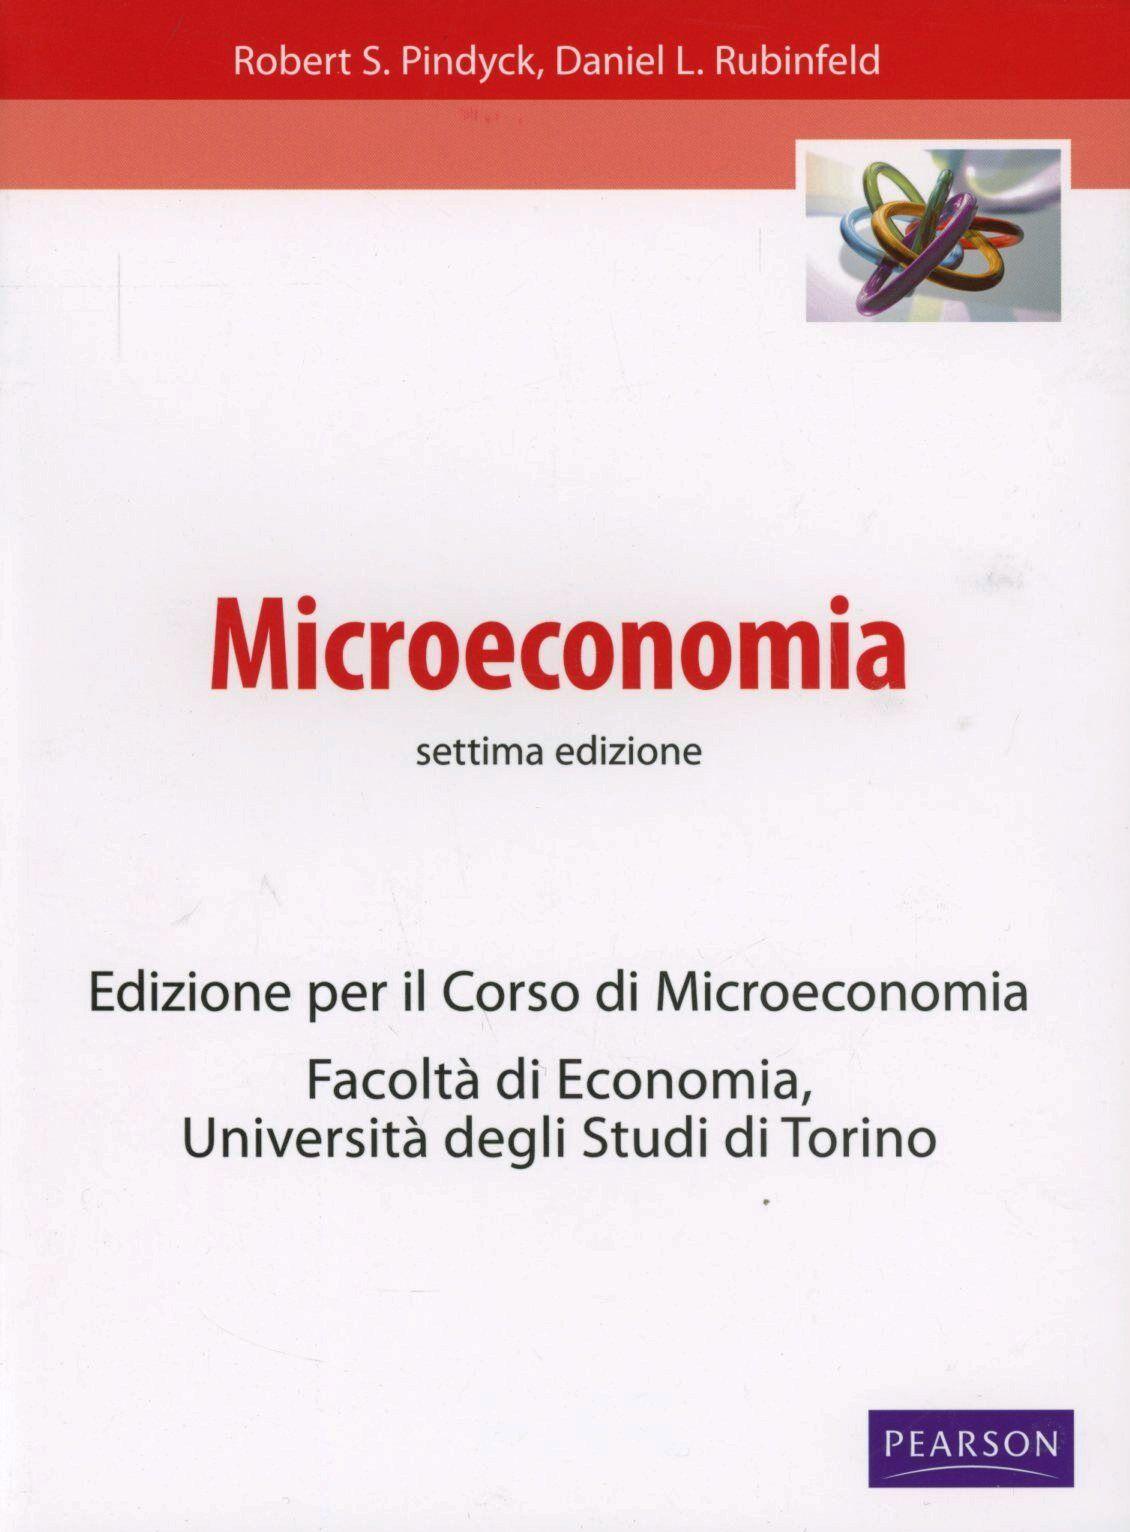 Microeconomia. Estratto corso microeconomia